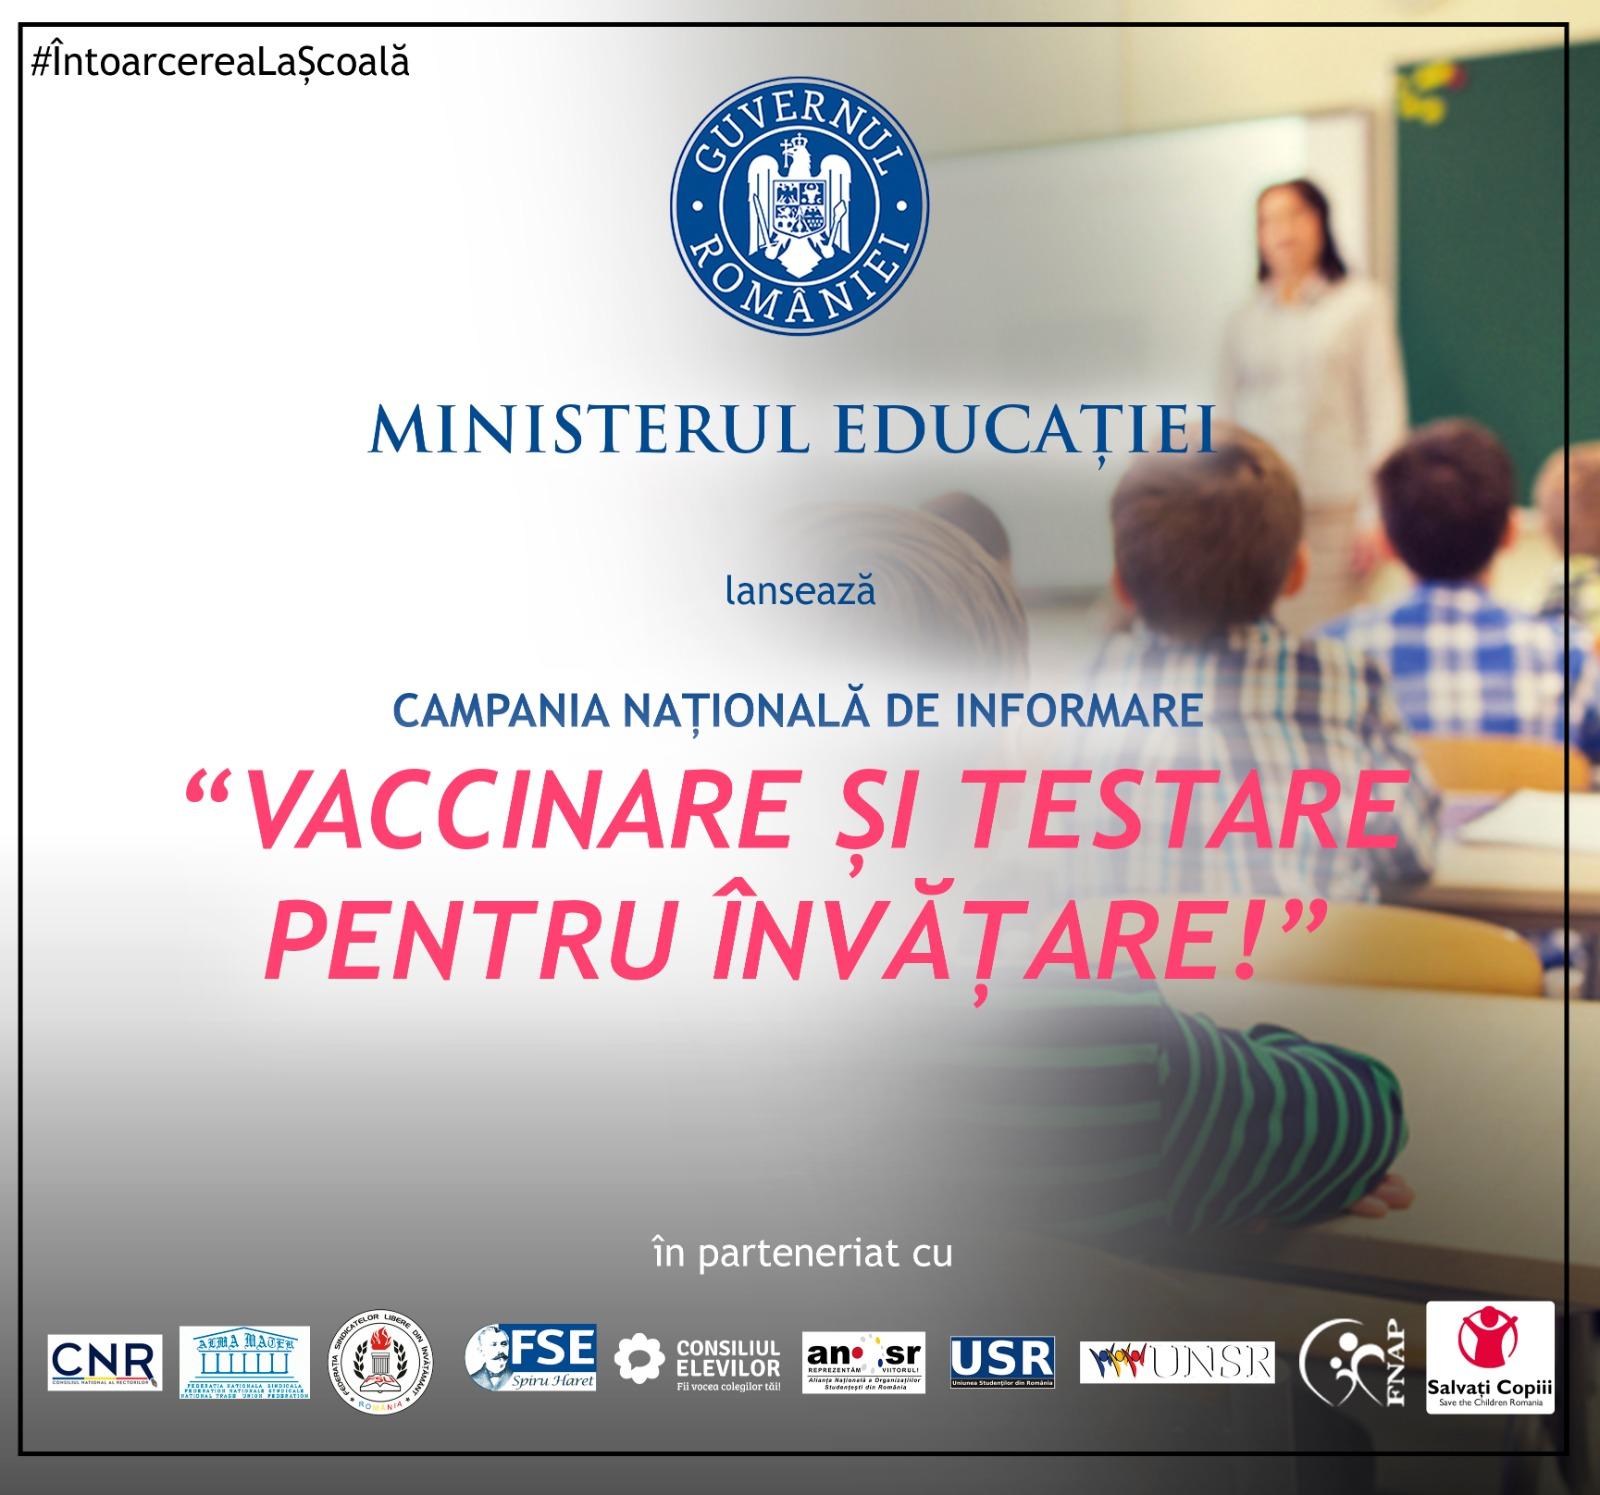 slăbind curriculumul național)